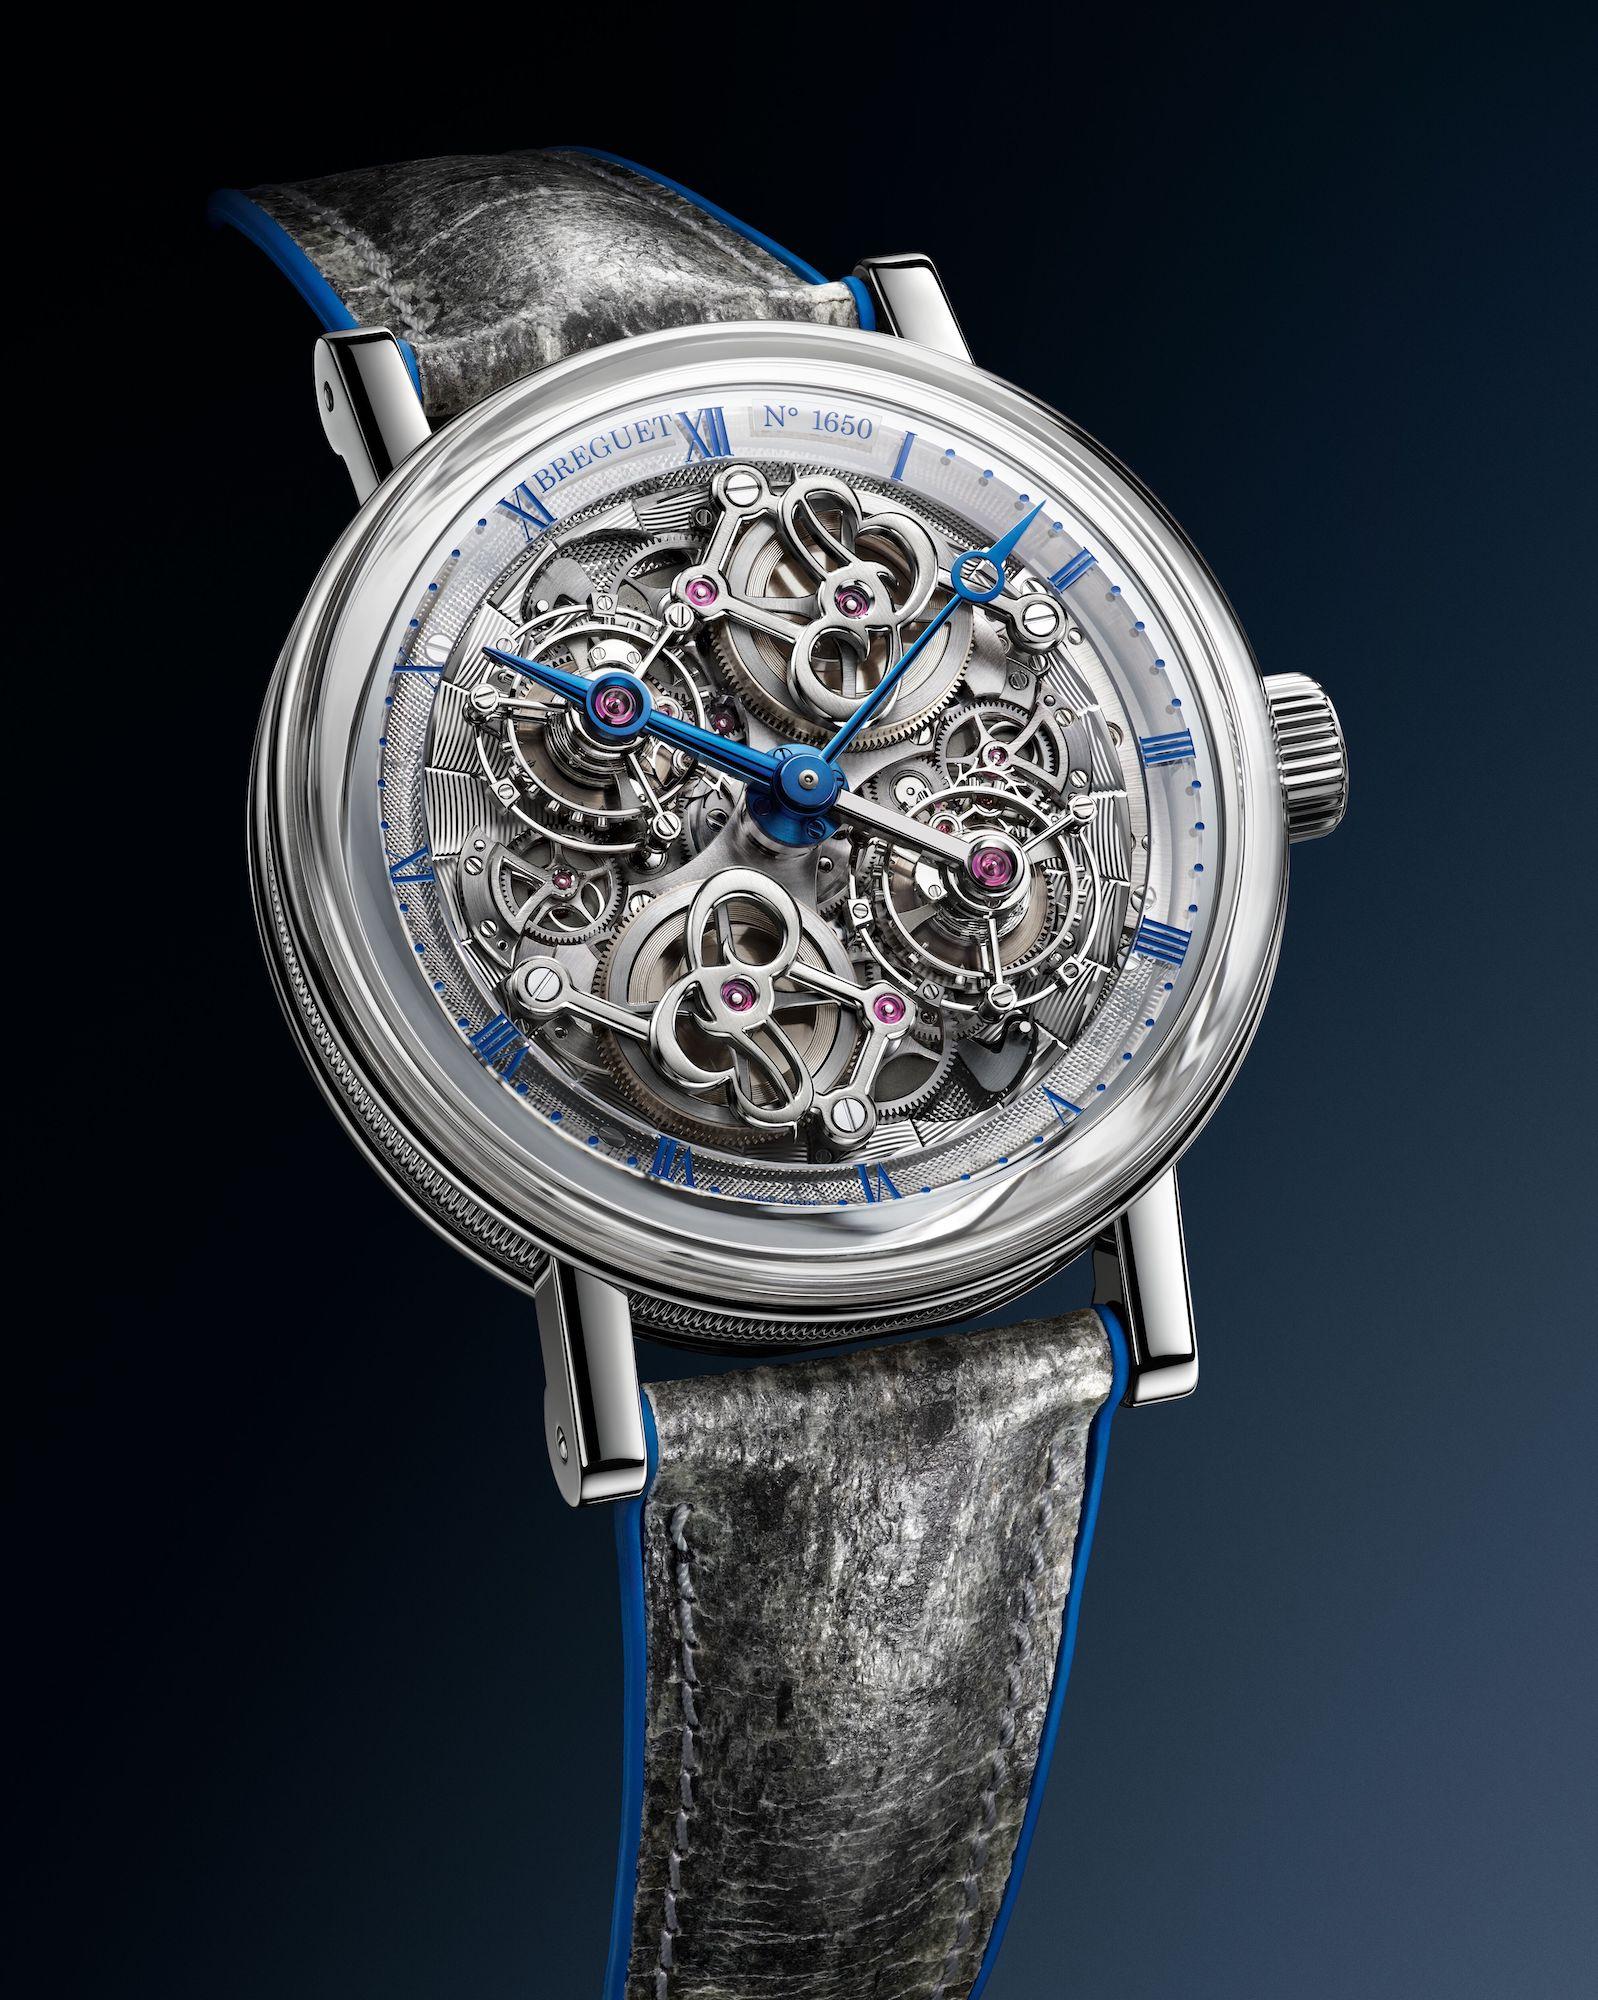 Breguet Classique Double Tourbillon Quai de l'Horloge 5345